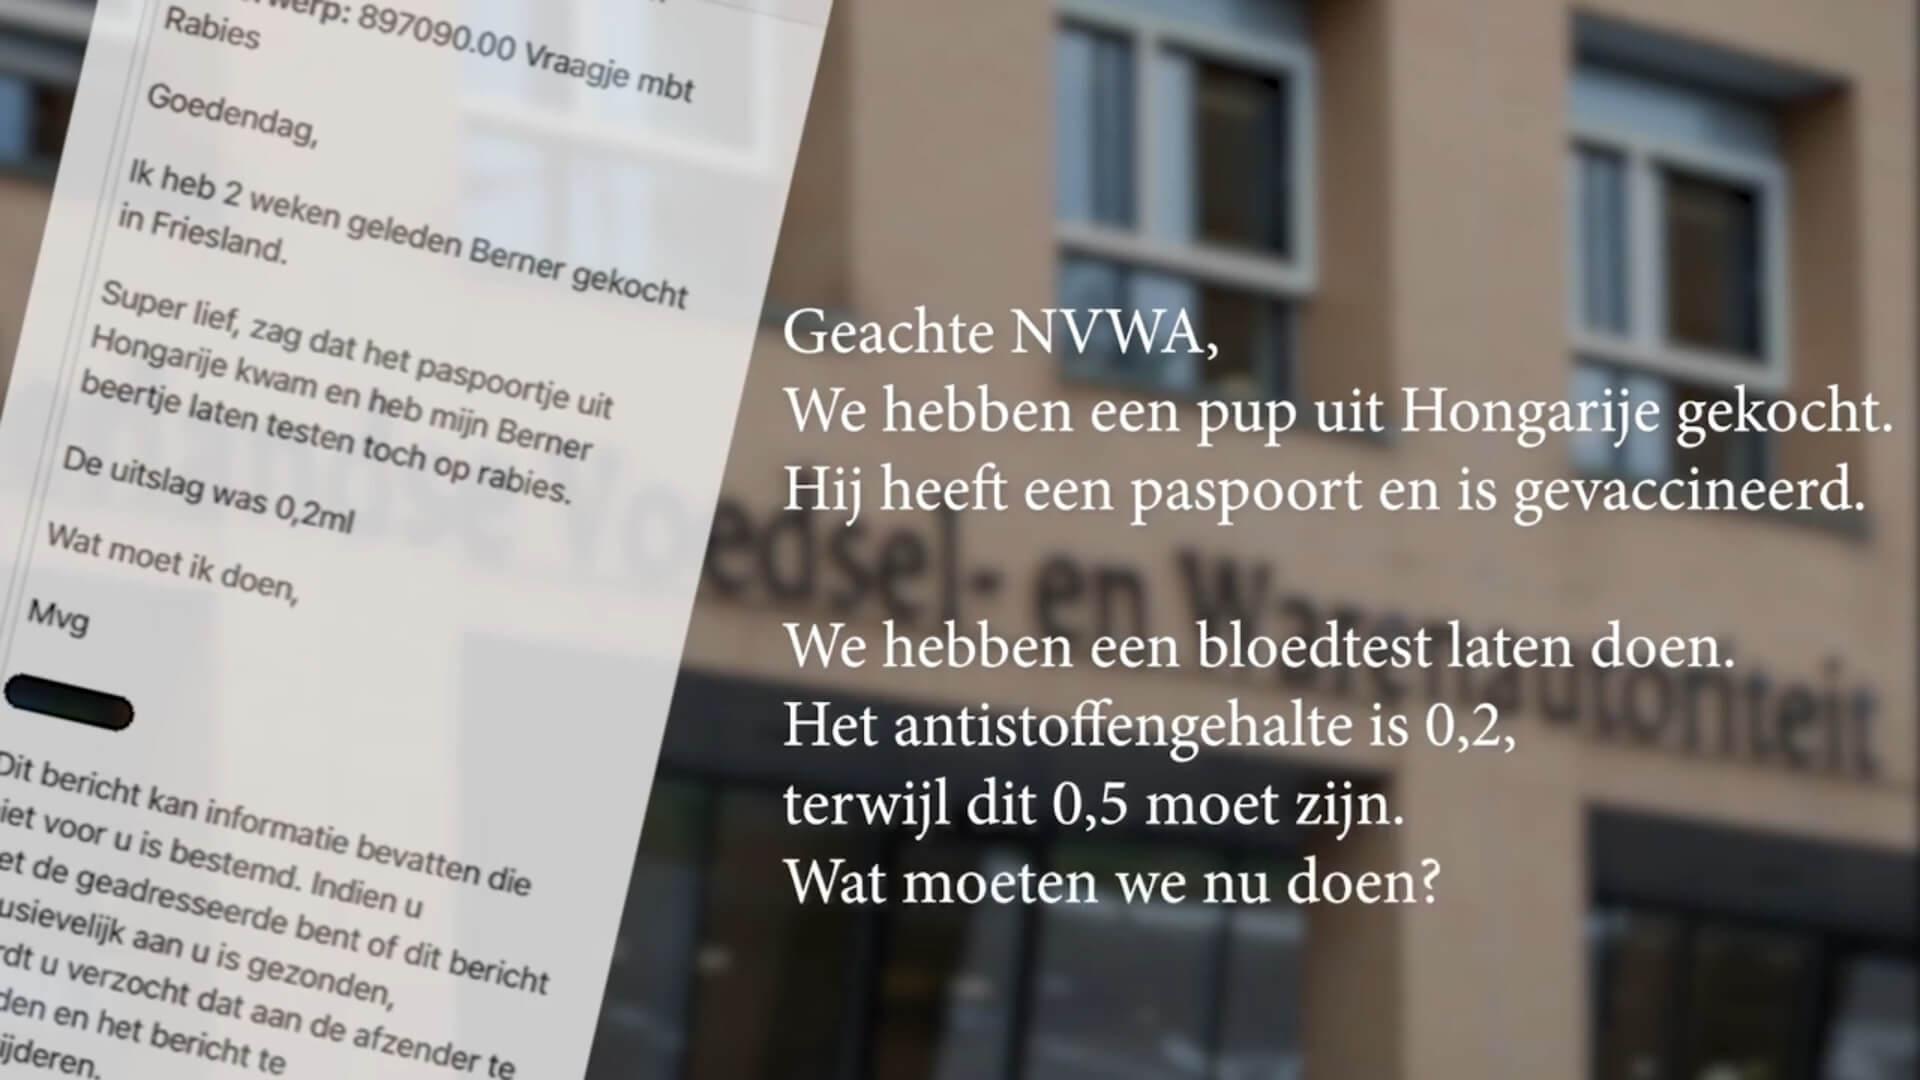 NVWA lapt Europese en nationale regelgeving aan de laars